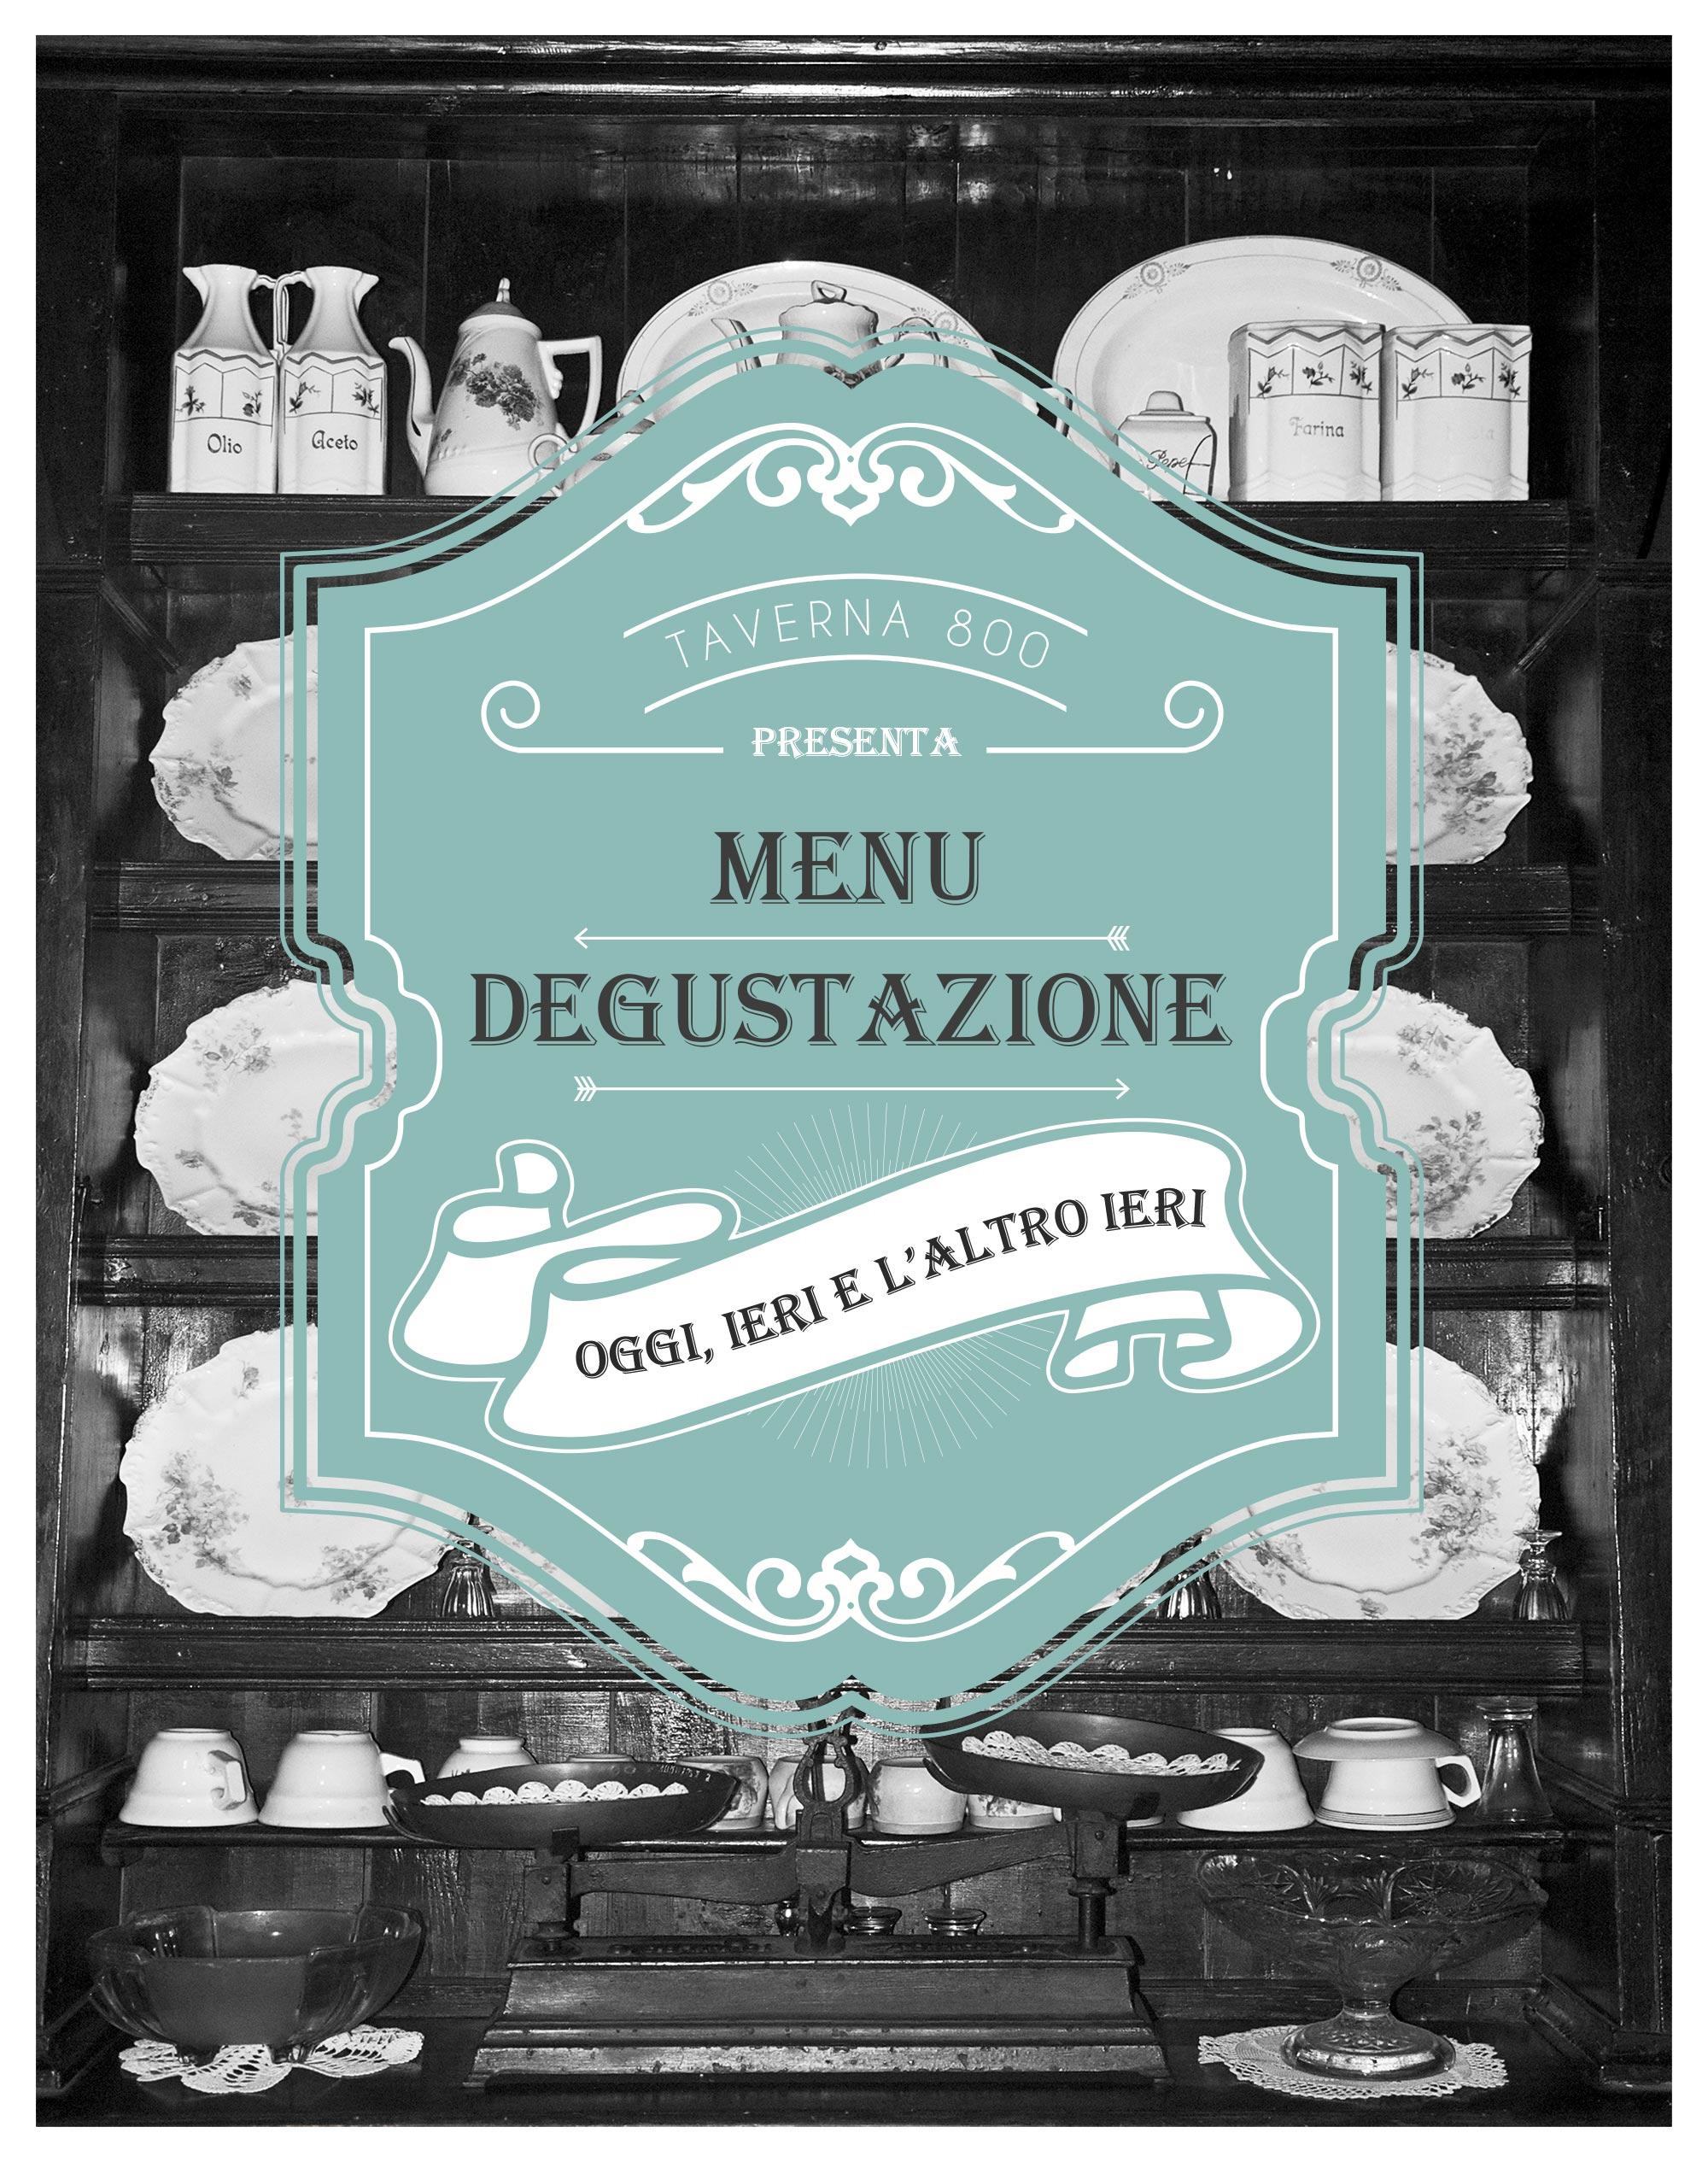 menu degustazione Oggi, ieri e l'altro ieri